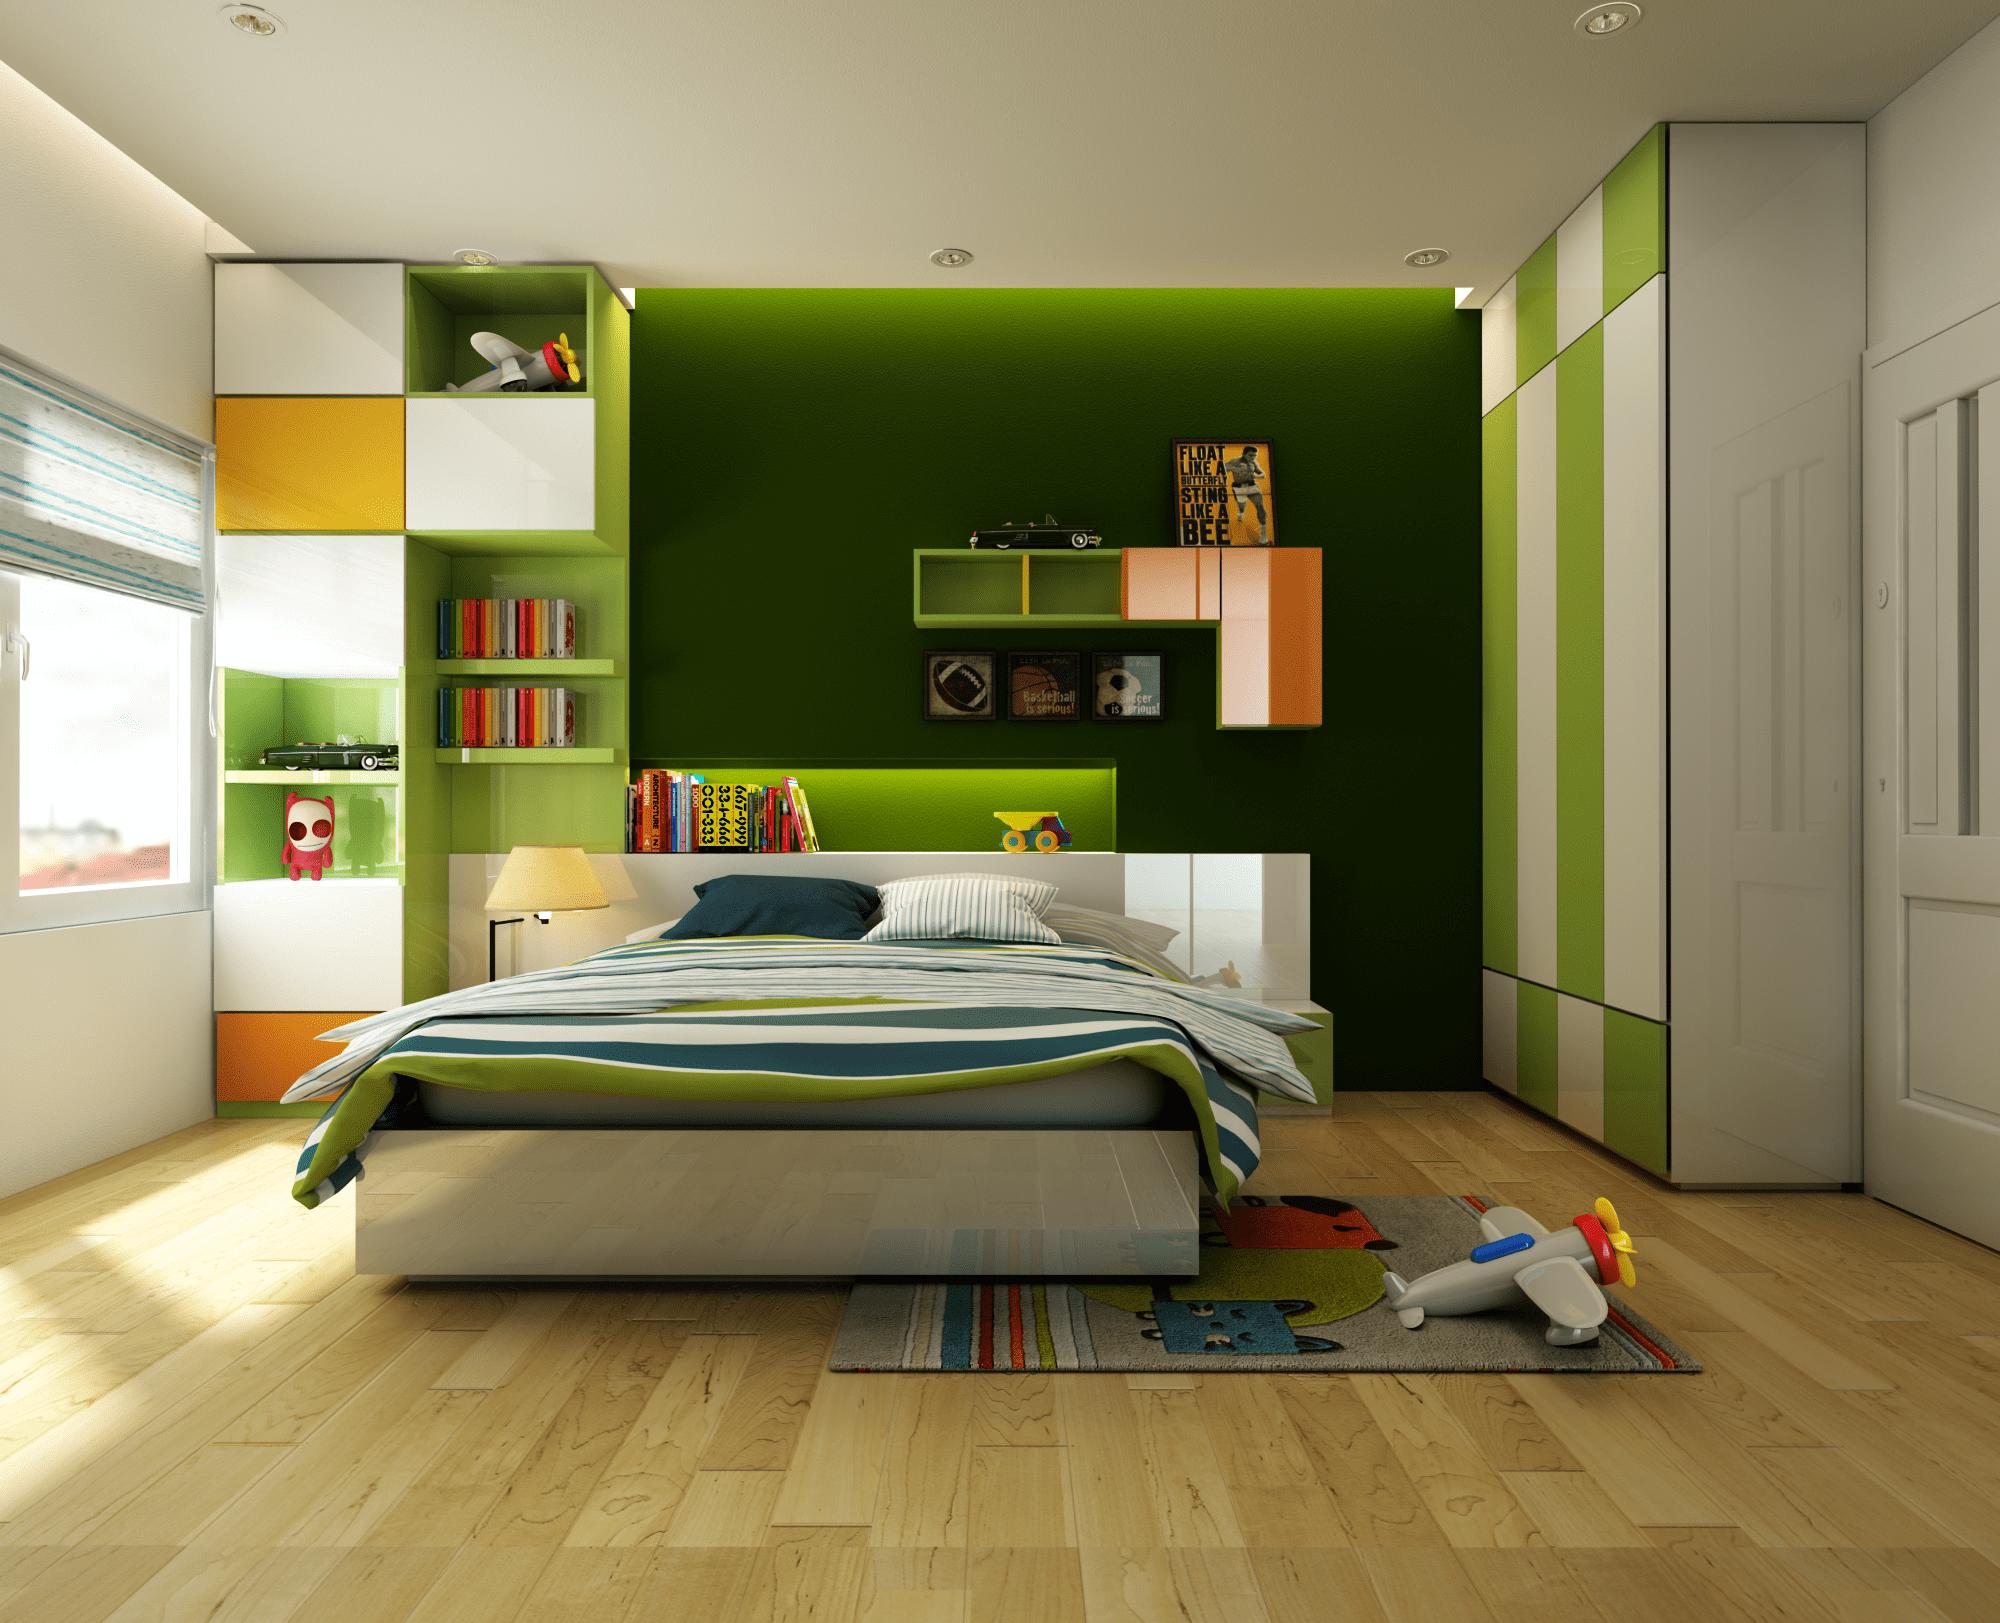 Được sản xuất từ gỗ công nghiệp với công nghệ mdf trên dây chuyền công nghệ sản xuất hiện đại, tiên tiến cùng khâu xử lý nguyên liệu chặt chẽ sẽ đem đến độ bền cao cùng giá trị thẩm mỹ cho chủ sở hữu.  Với những ưu điểm nổi bật mà chúng tôi vừa kể trên thì đây chính là một dòng sản phẩm nội thất phòng ngủ hoàn hảo cho không gian phòng ngủ của bạn mà bạn nên sở hữu.  Để biết thêm thông tin chi tiết về sản phẩm và giá thành củagiường ngủ gỗ công nghiệp công nghệ mdf bạn có thể đến ngay với Nội Thất Mộc Hân ĐC : Cụm 5 Thôn ích vịnh-Xã vĩnh quỳnh-Huyện thanh trì-Tp hà nội  Ngoài ra bạn có thể gọi điện đến số 0964119116 để được tư vấn và giải đáp mọi thắc mắc liên quan đến sản phẩm.